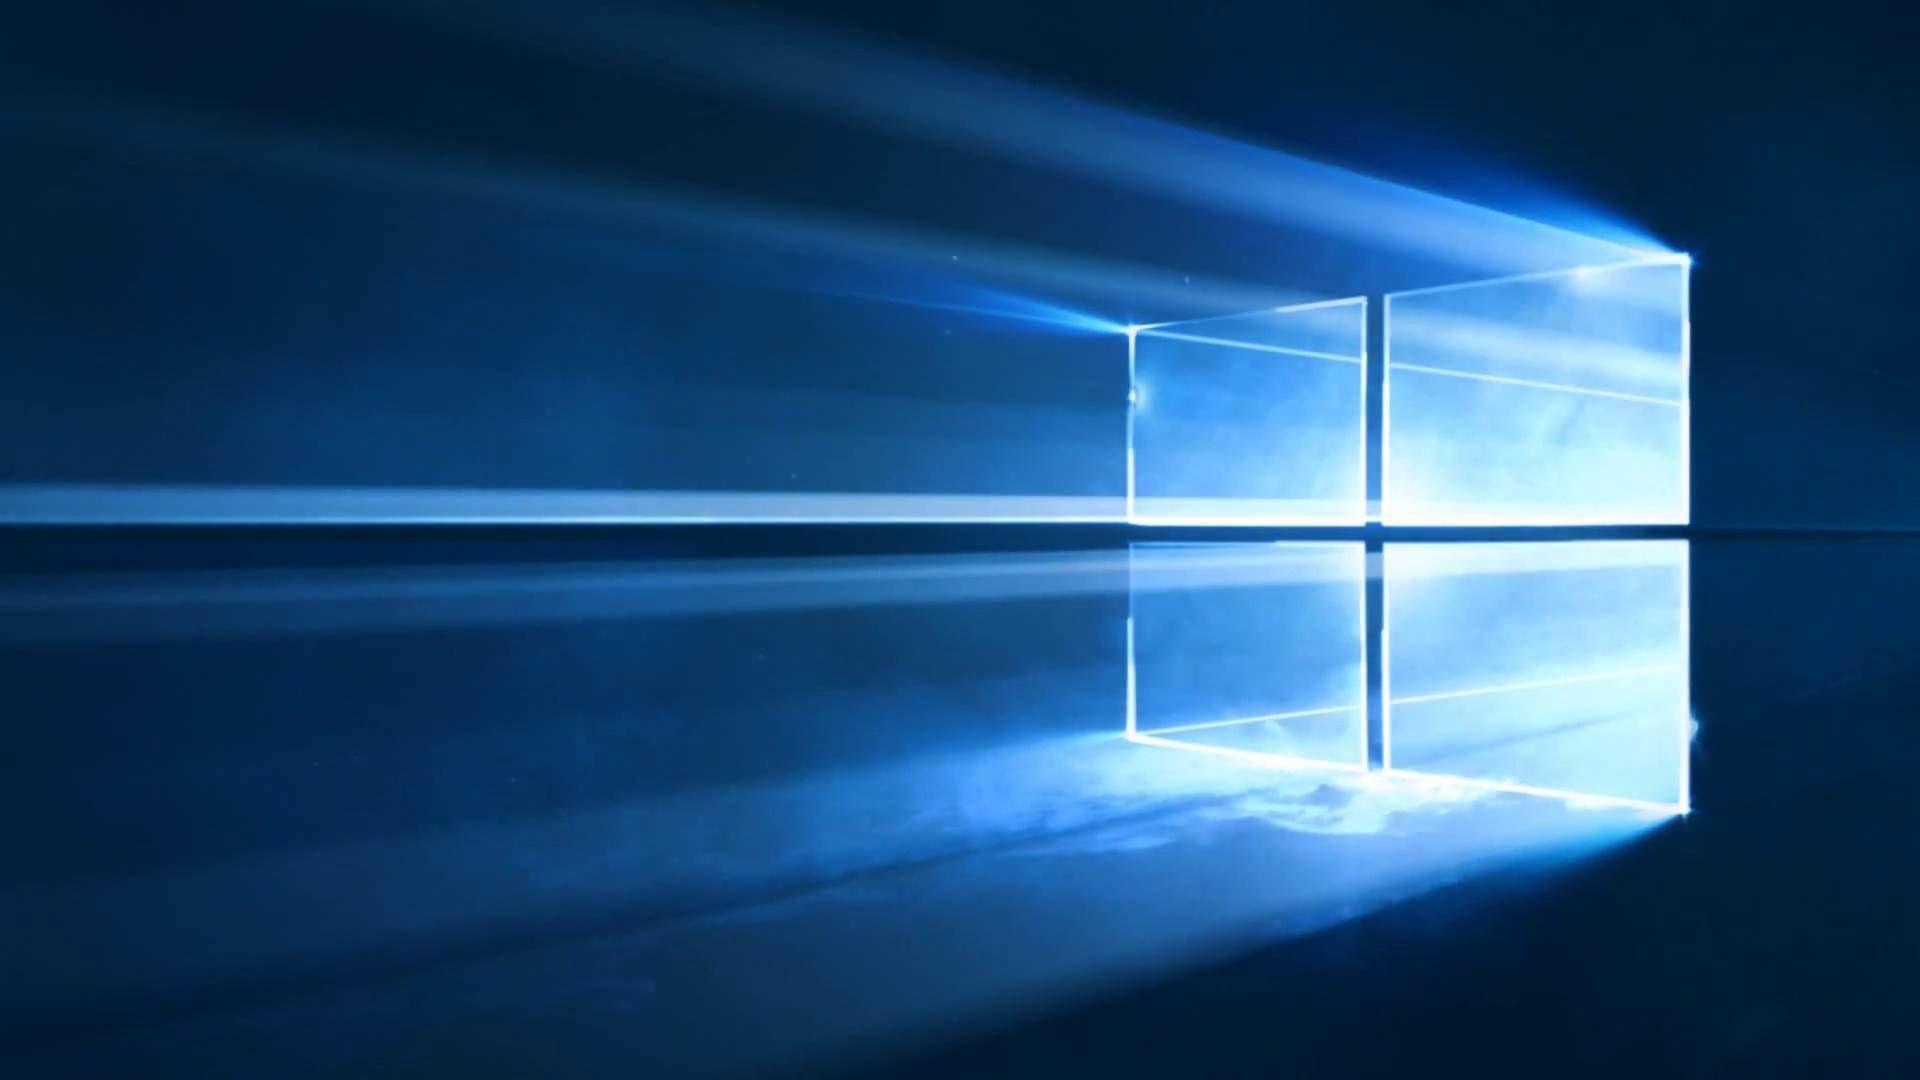 Windows 10 Wallpaper Broken Mywallpapers Site In 2020 Windows 10 Microsoft Windows Wallpaper Windows 10